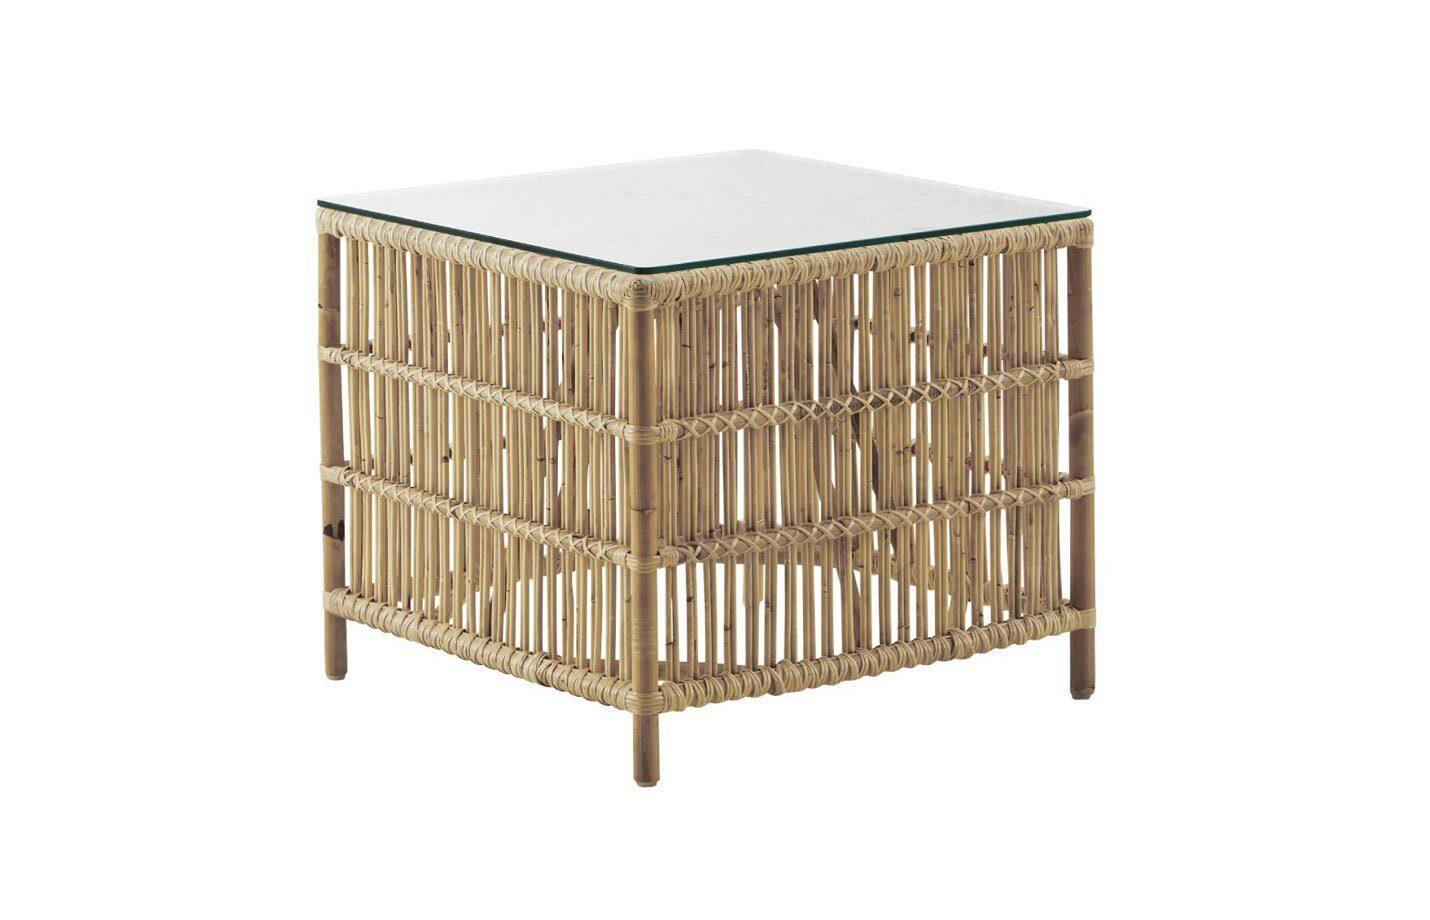 Donatello-Rattan-Side-Table-Natural-Fabiia